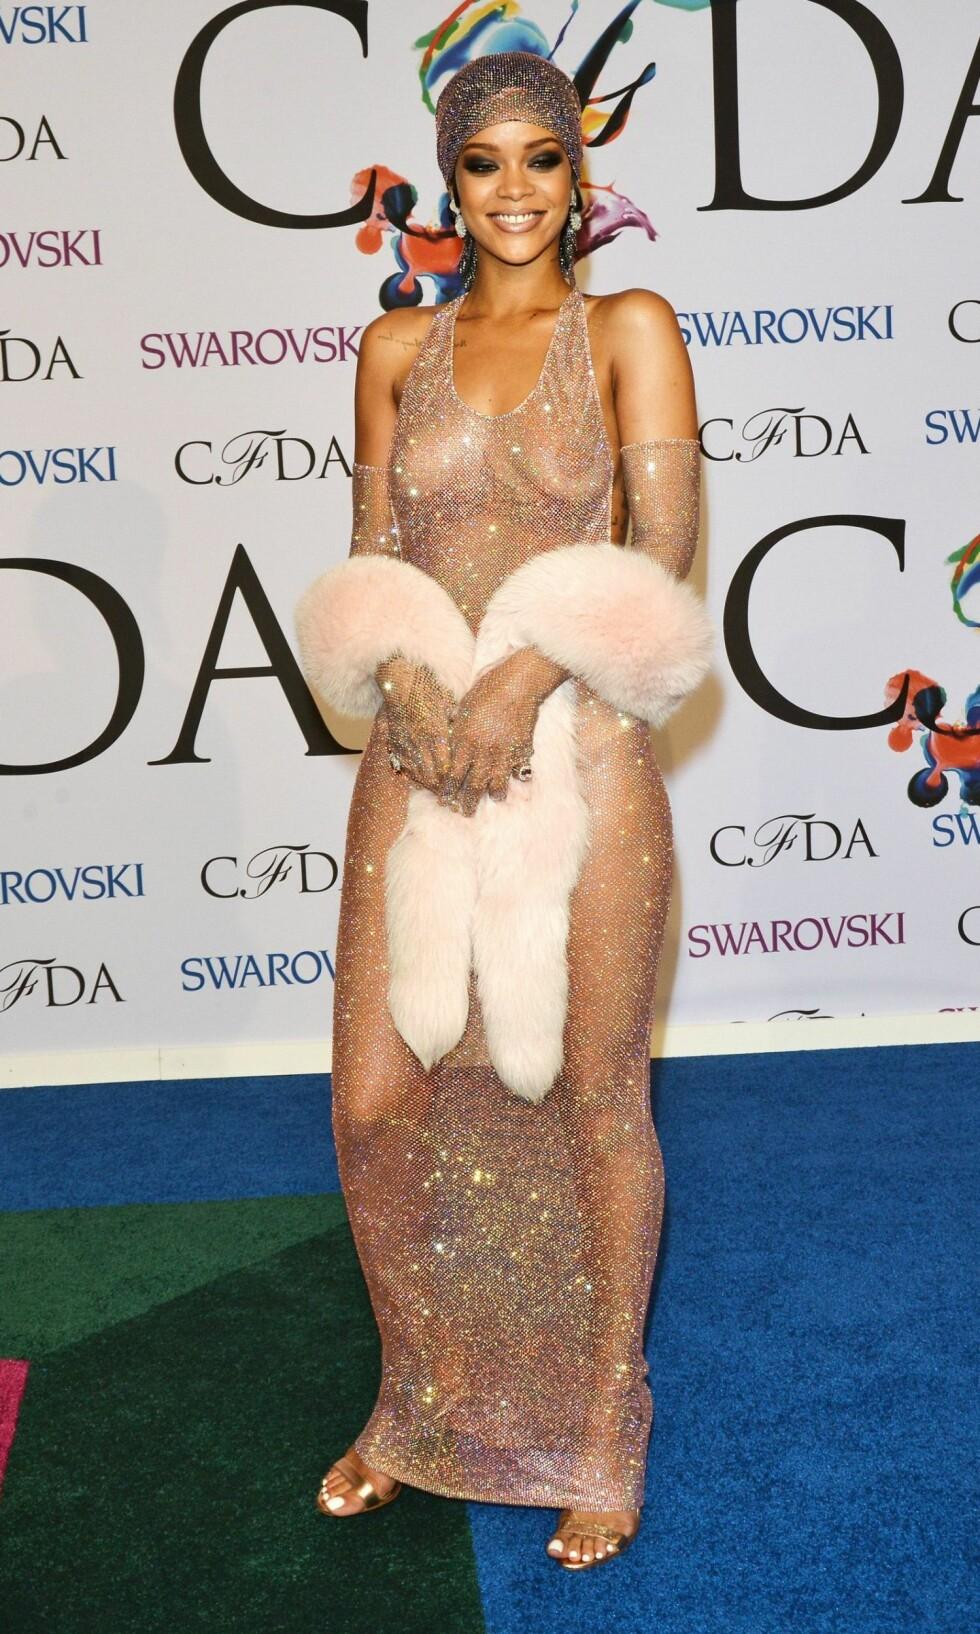 AVKLEDD: Rihanna overlot lite til fantasien i denne pudderrosa glitterkreasjonen.  Foto: REX/Henry Lamb/Photowire/BEI/All Over Press